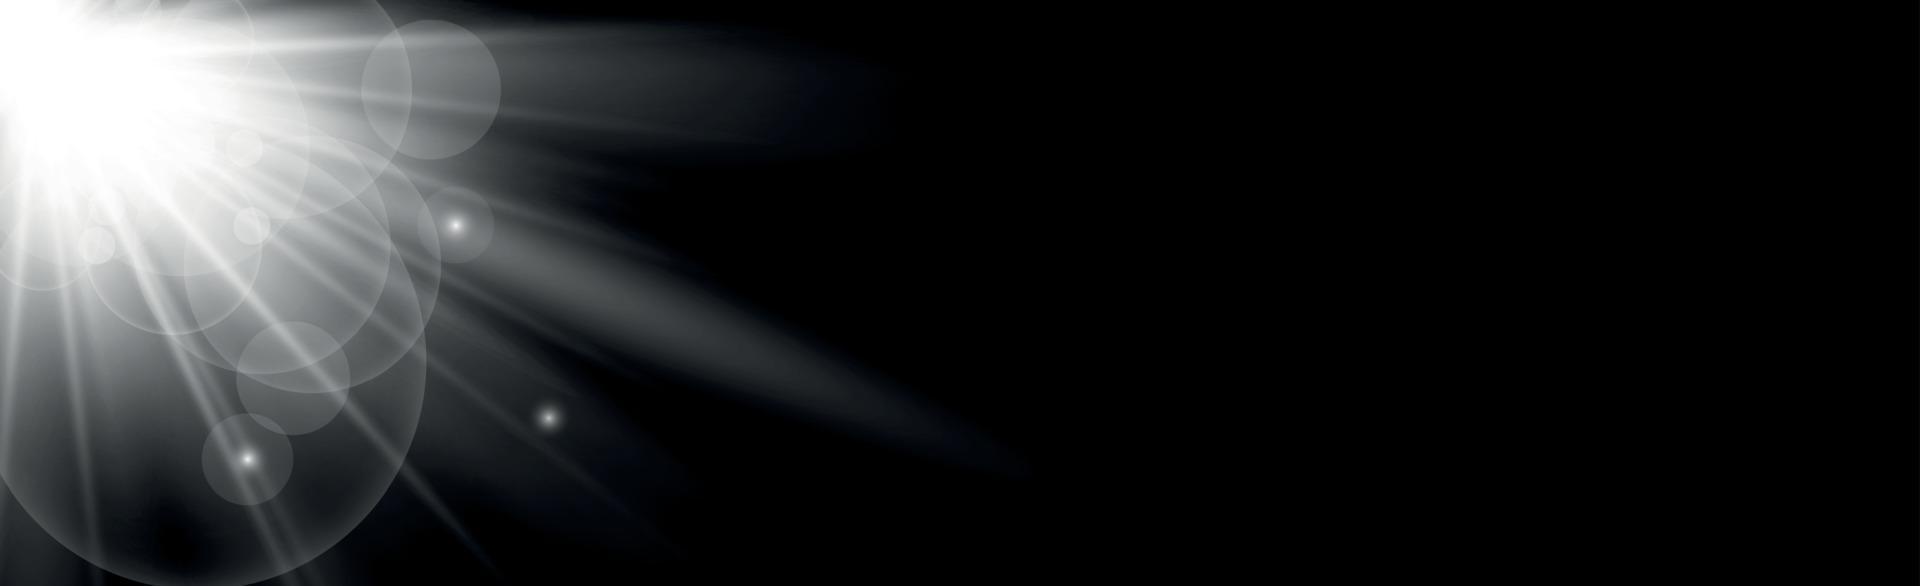 felle zon op een zwarte achtergrond - afbeelding vector